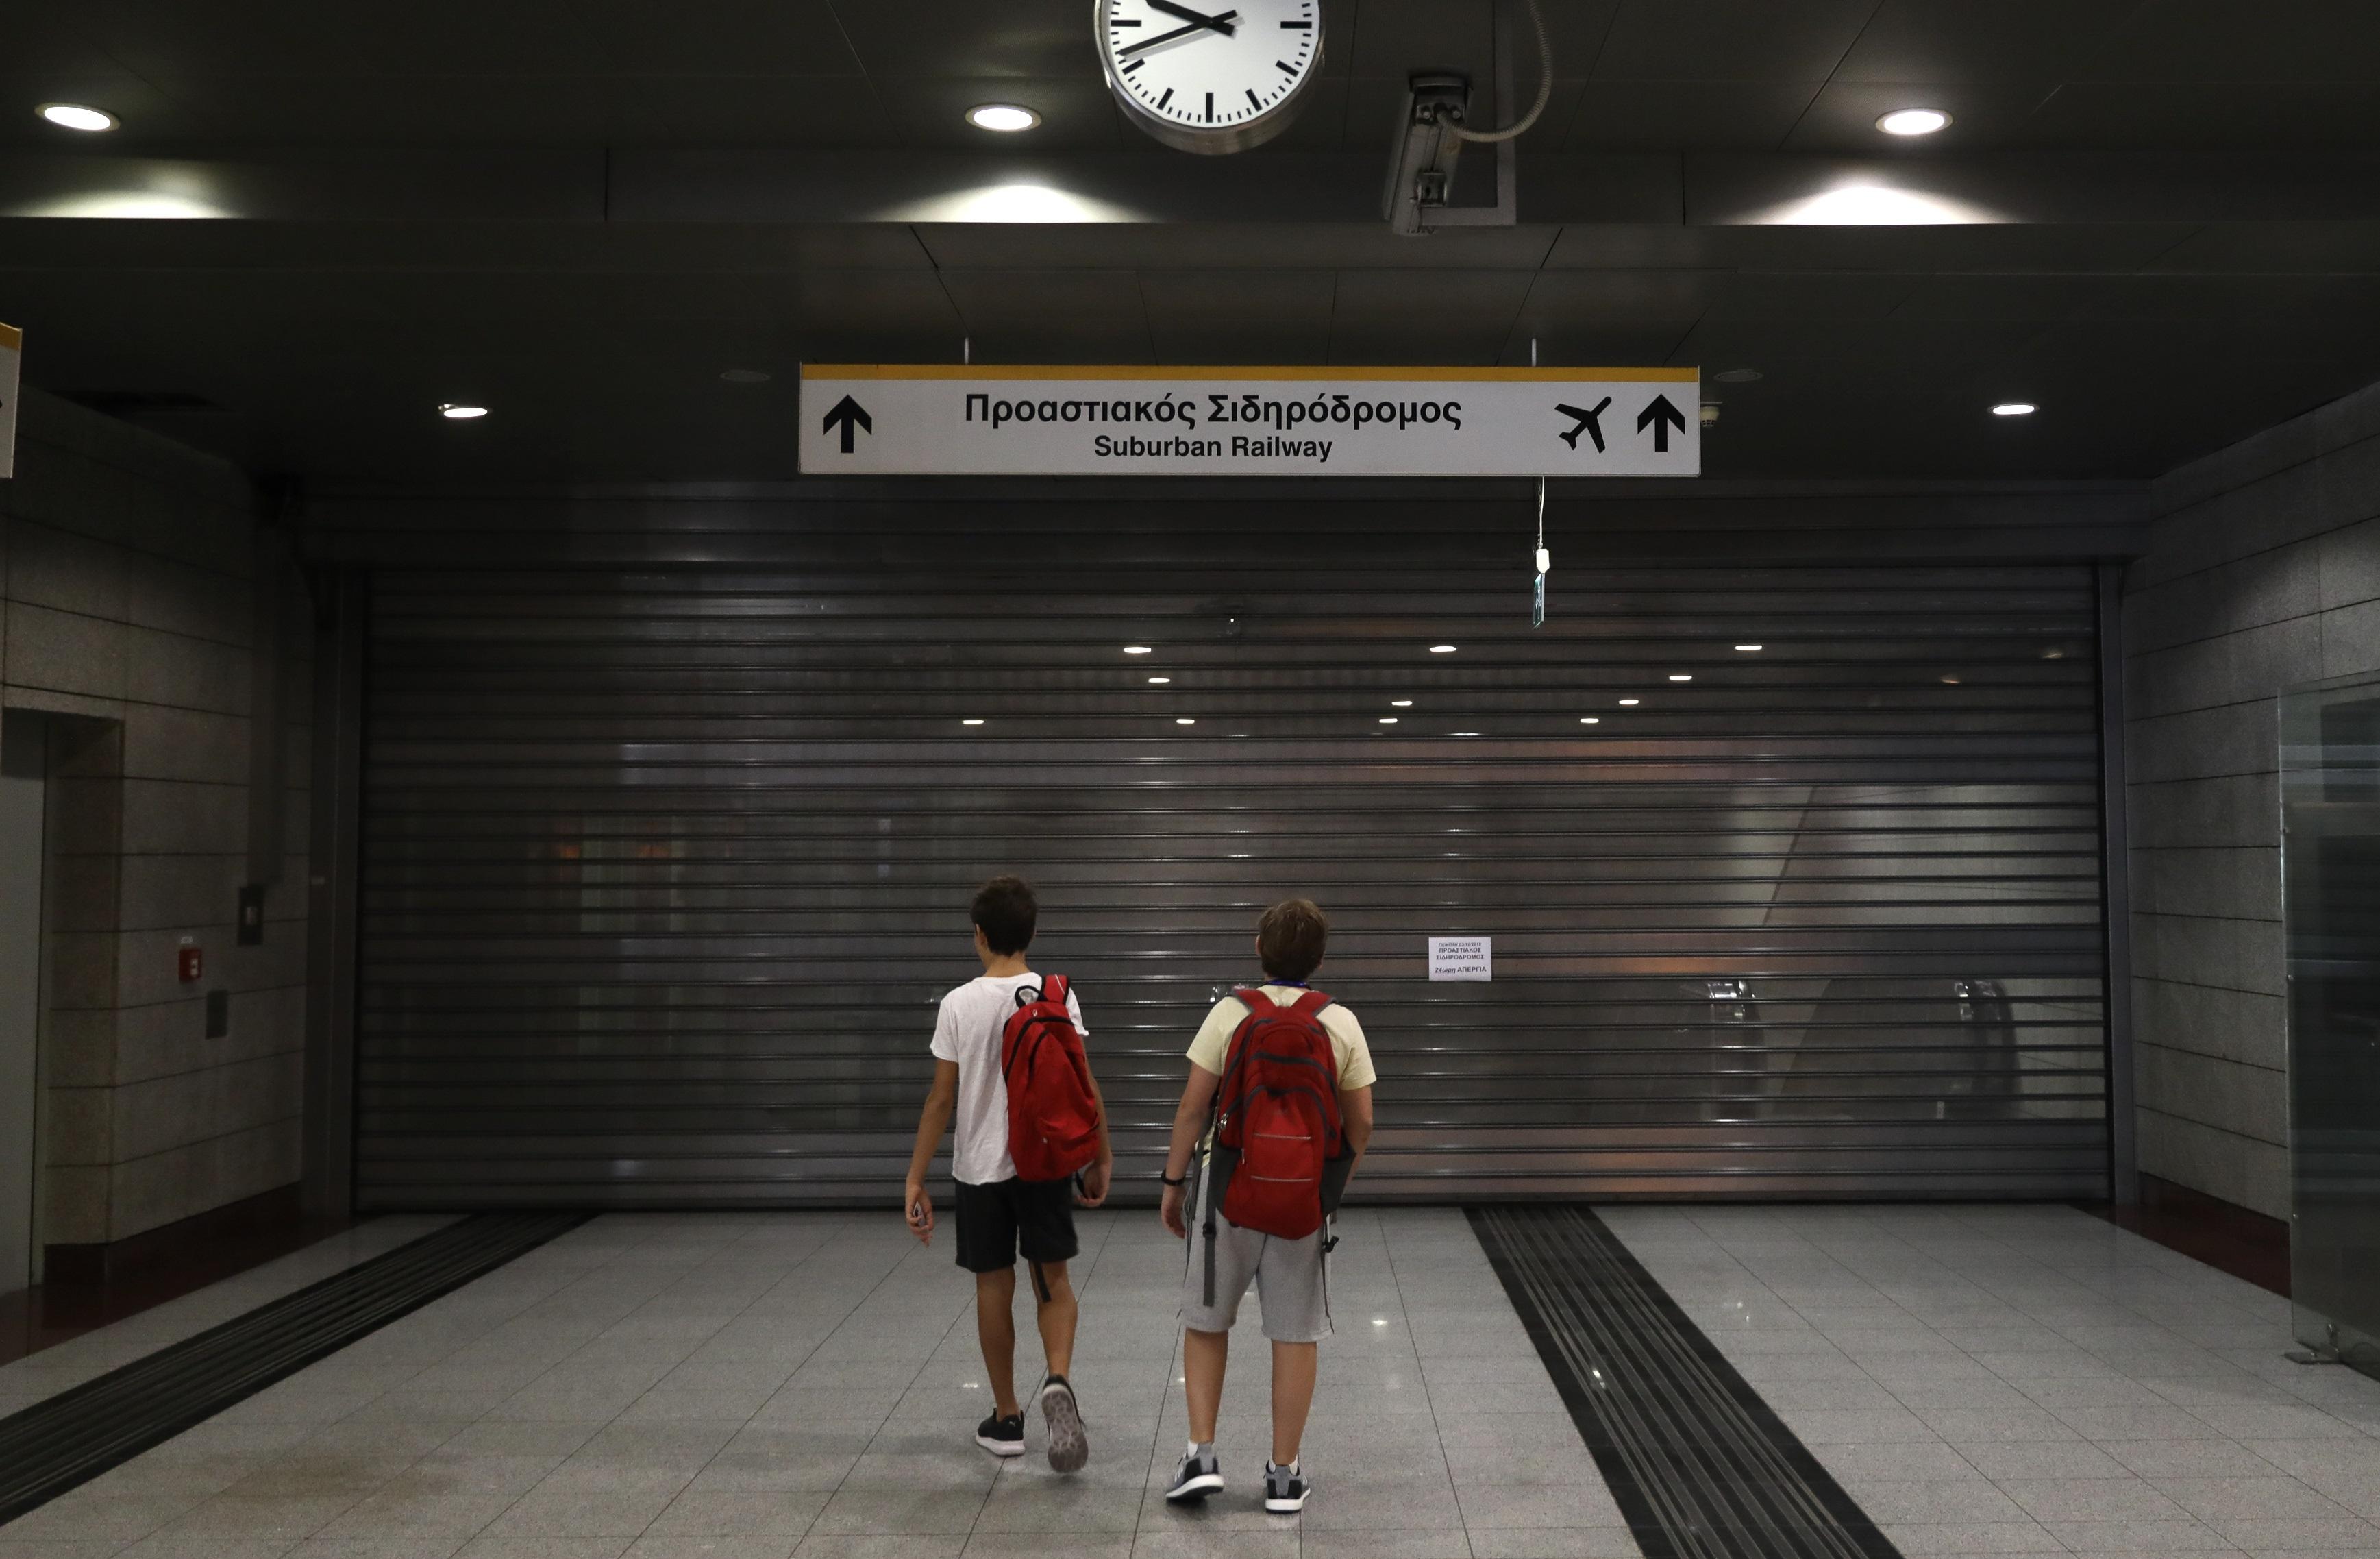 Νέες κινητοποιήσεις σε τρένα και Προαστιακό – Στάσεις εργασίας και 24ωρη απεργία!